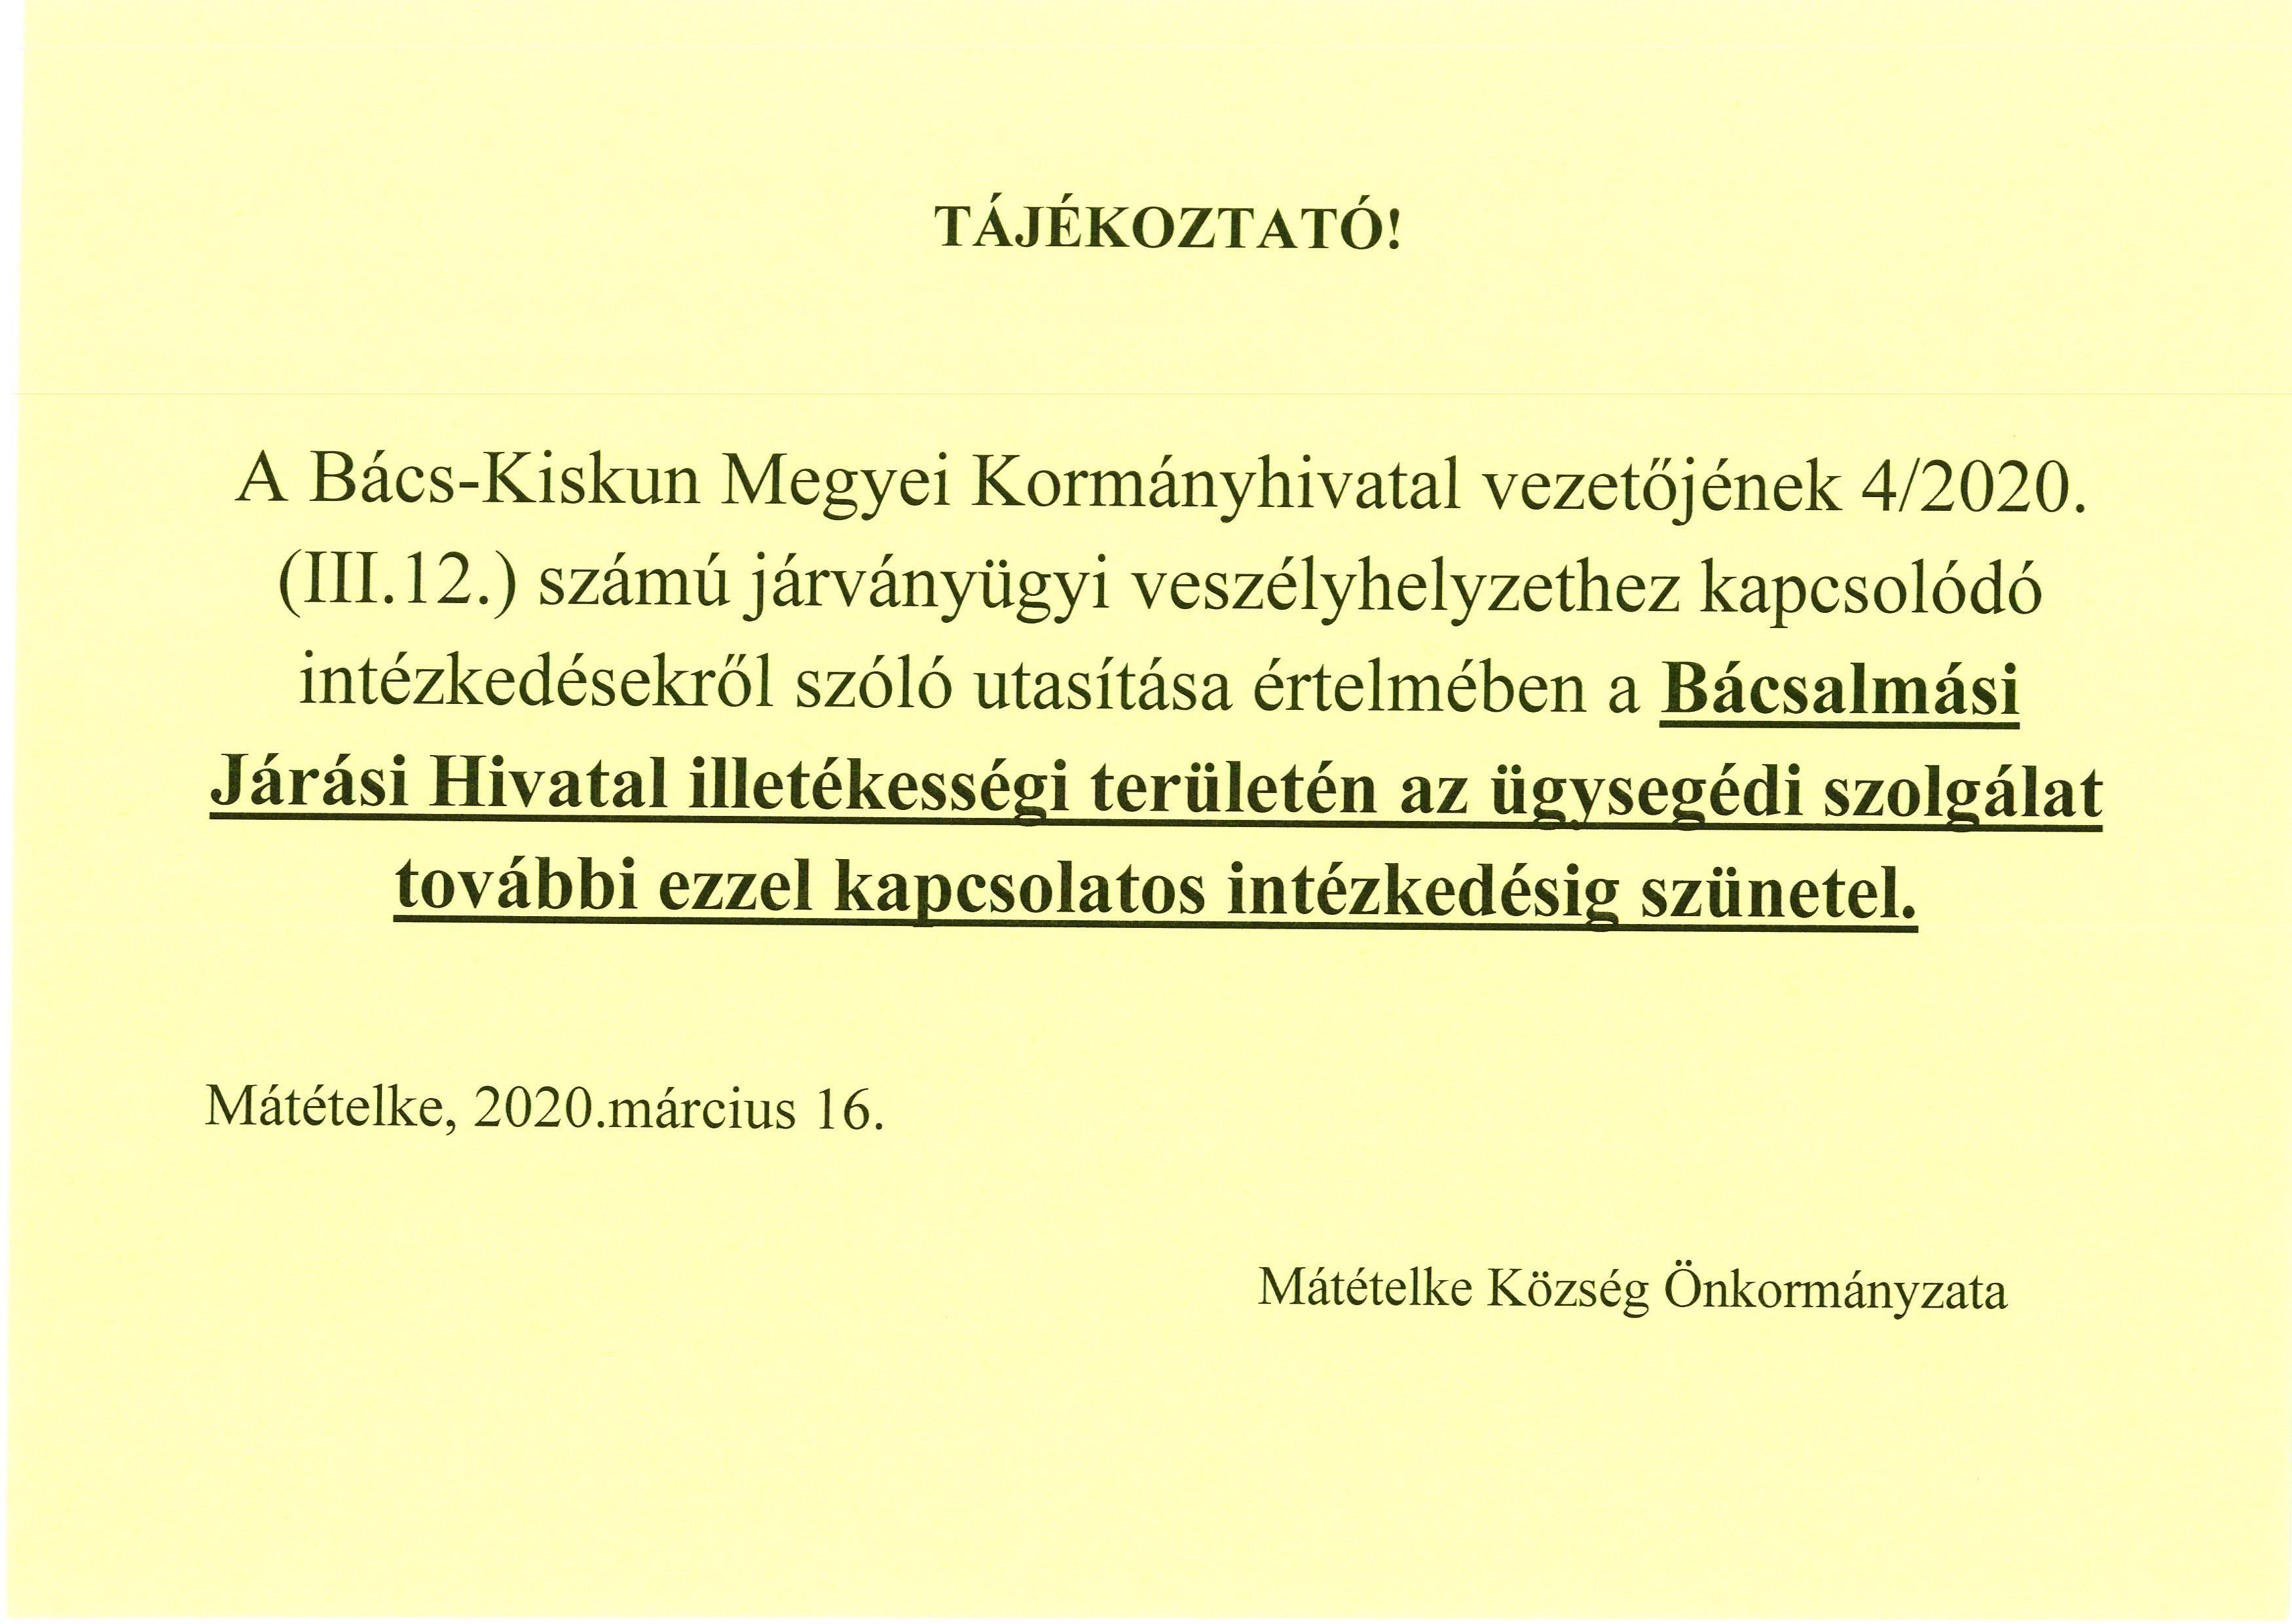 KORMÁNYHIVATAL TÁJÉKOZTATÁS.1